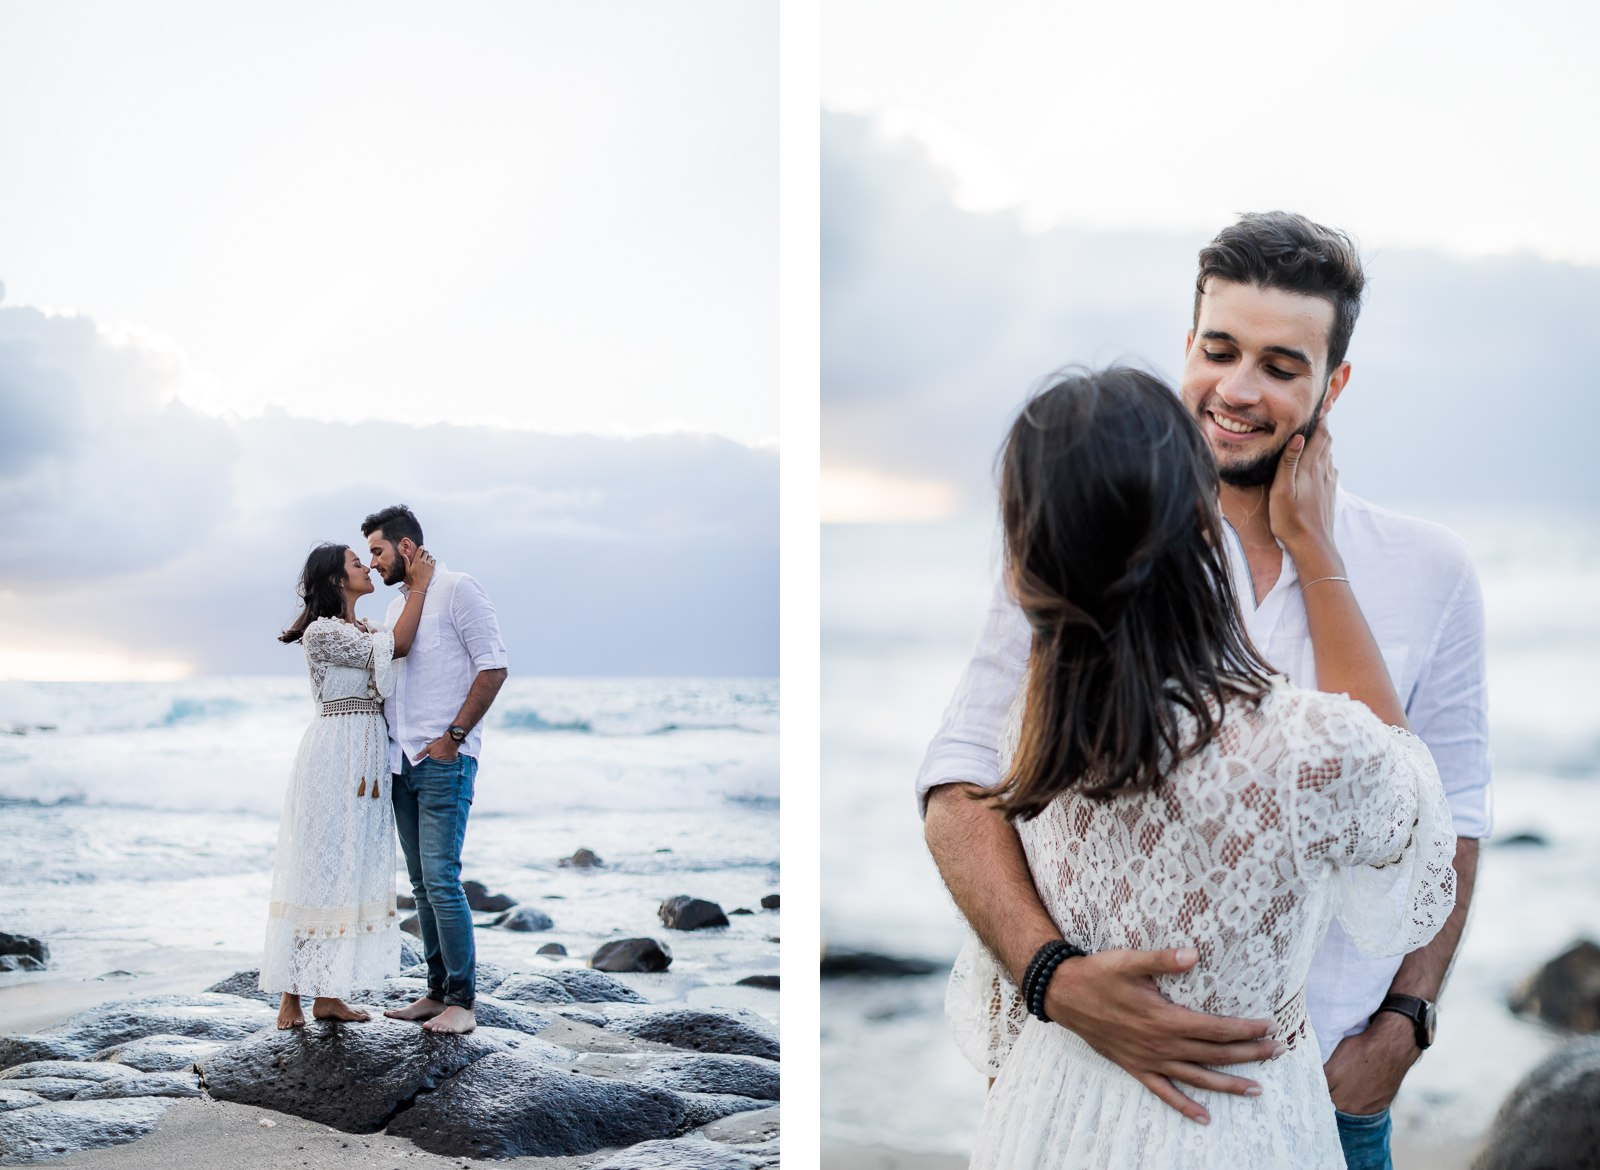 Photographie de Mathieu Dété, photographe de mariage et de couple à Saint-Pierre sur l'île de la Réunion 974, présentant un couple souriant au Cap la Houssaye